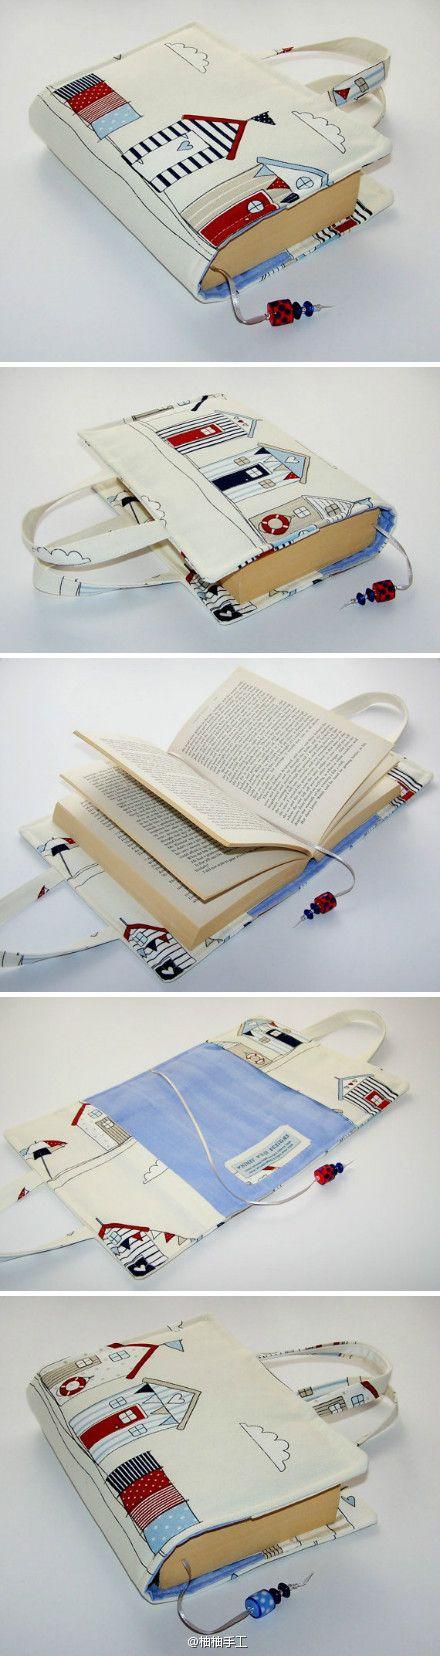 Book bag - fajna okładka na książki,w takiej na pewno się nie brudzi - sarfinger - sarfinger.pinger.pl